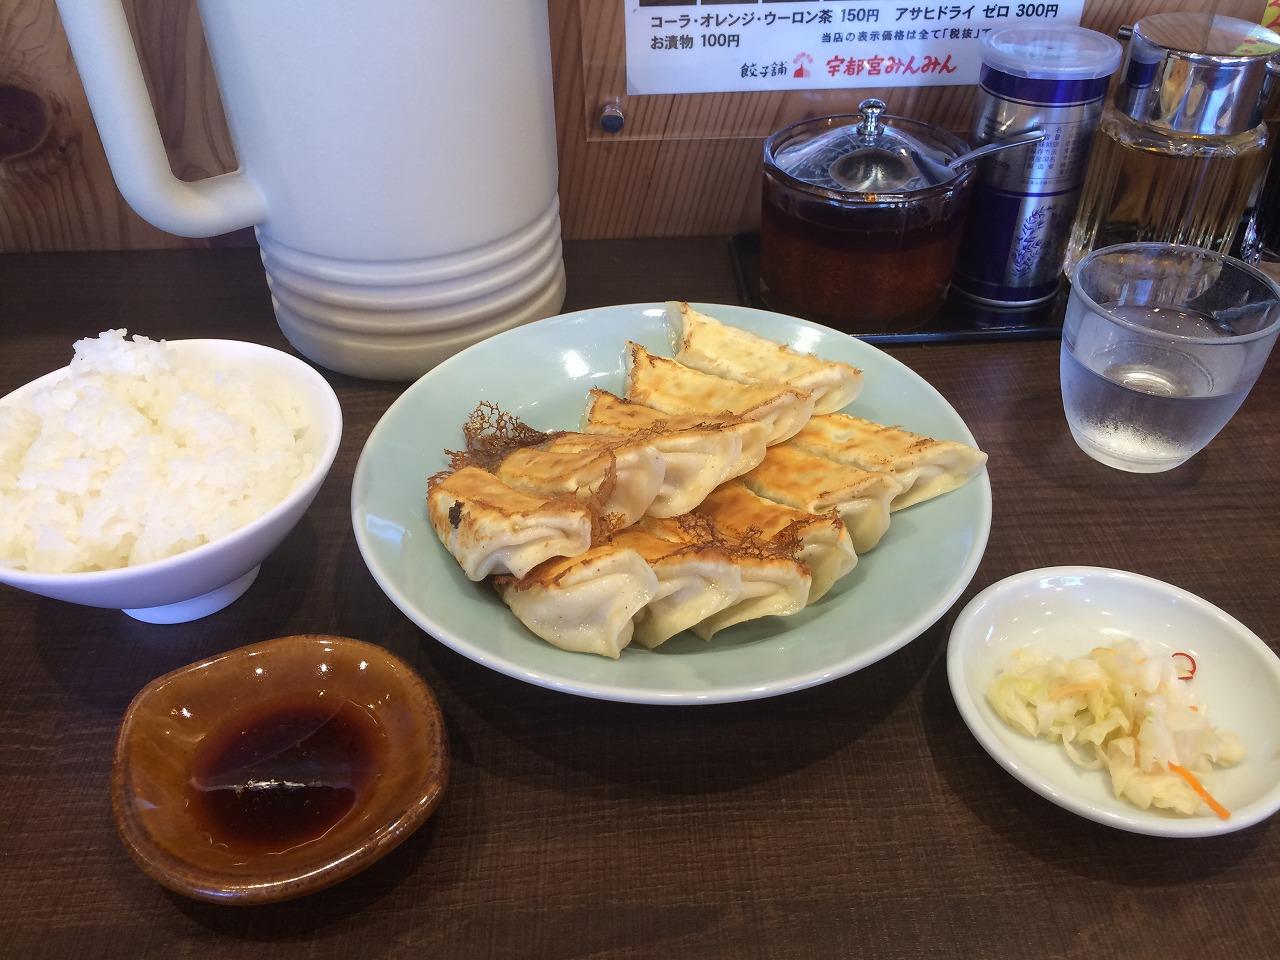 焼き餃子2人前+ライス